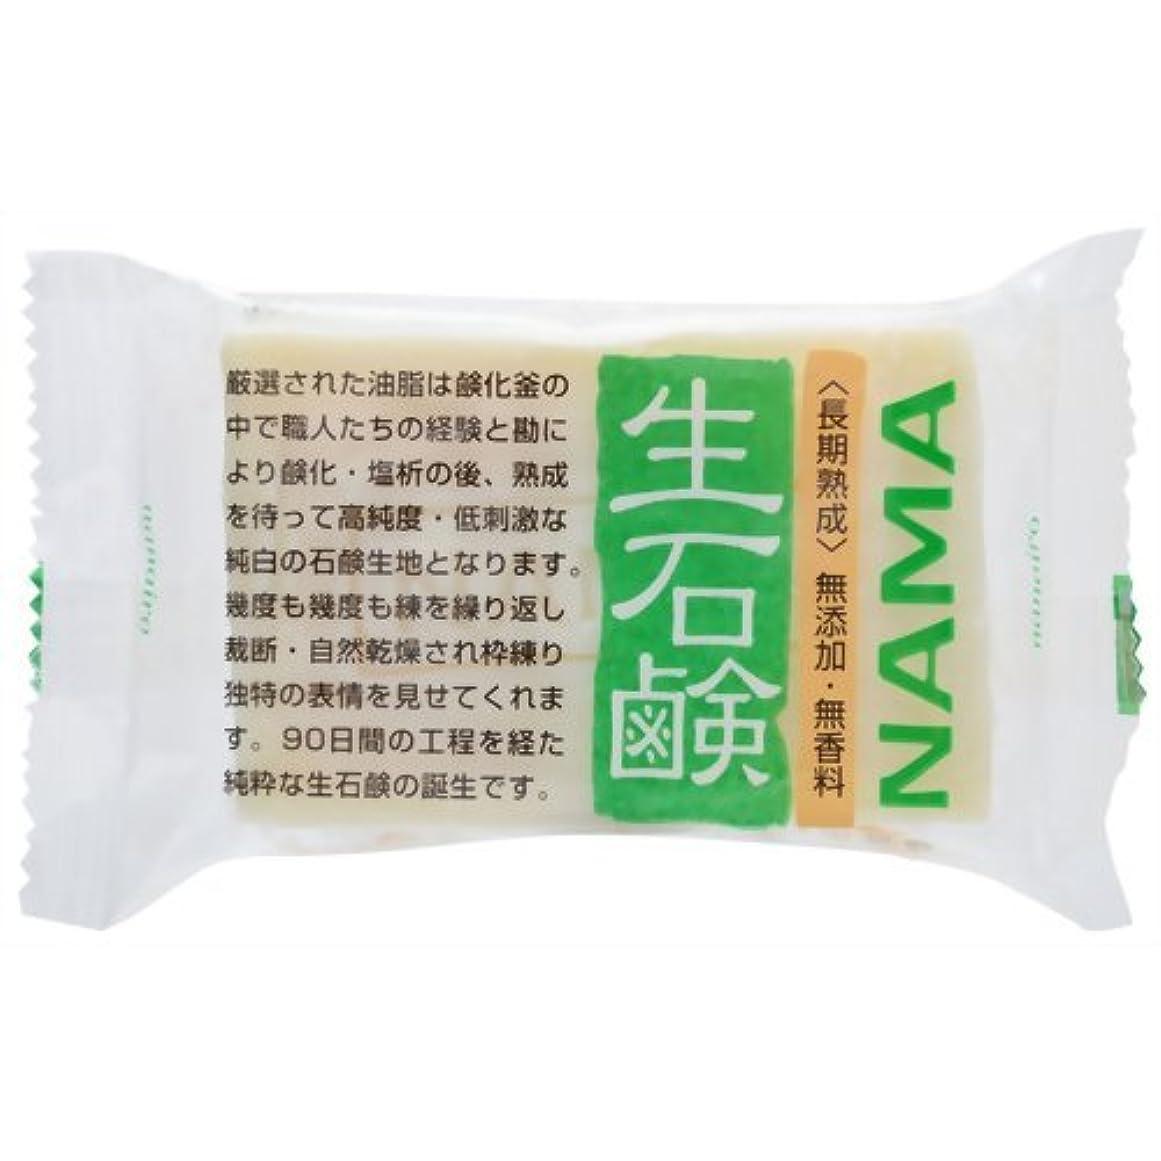 弾性あいまいさ篭生石鹸NAMA 100g